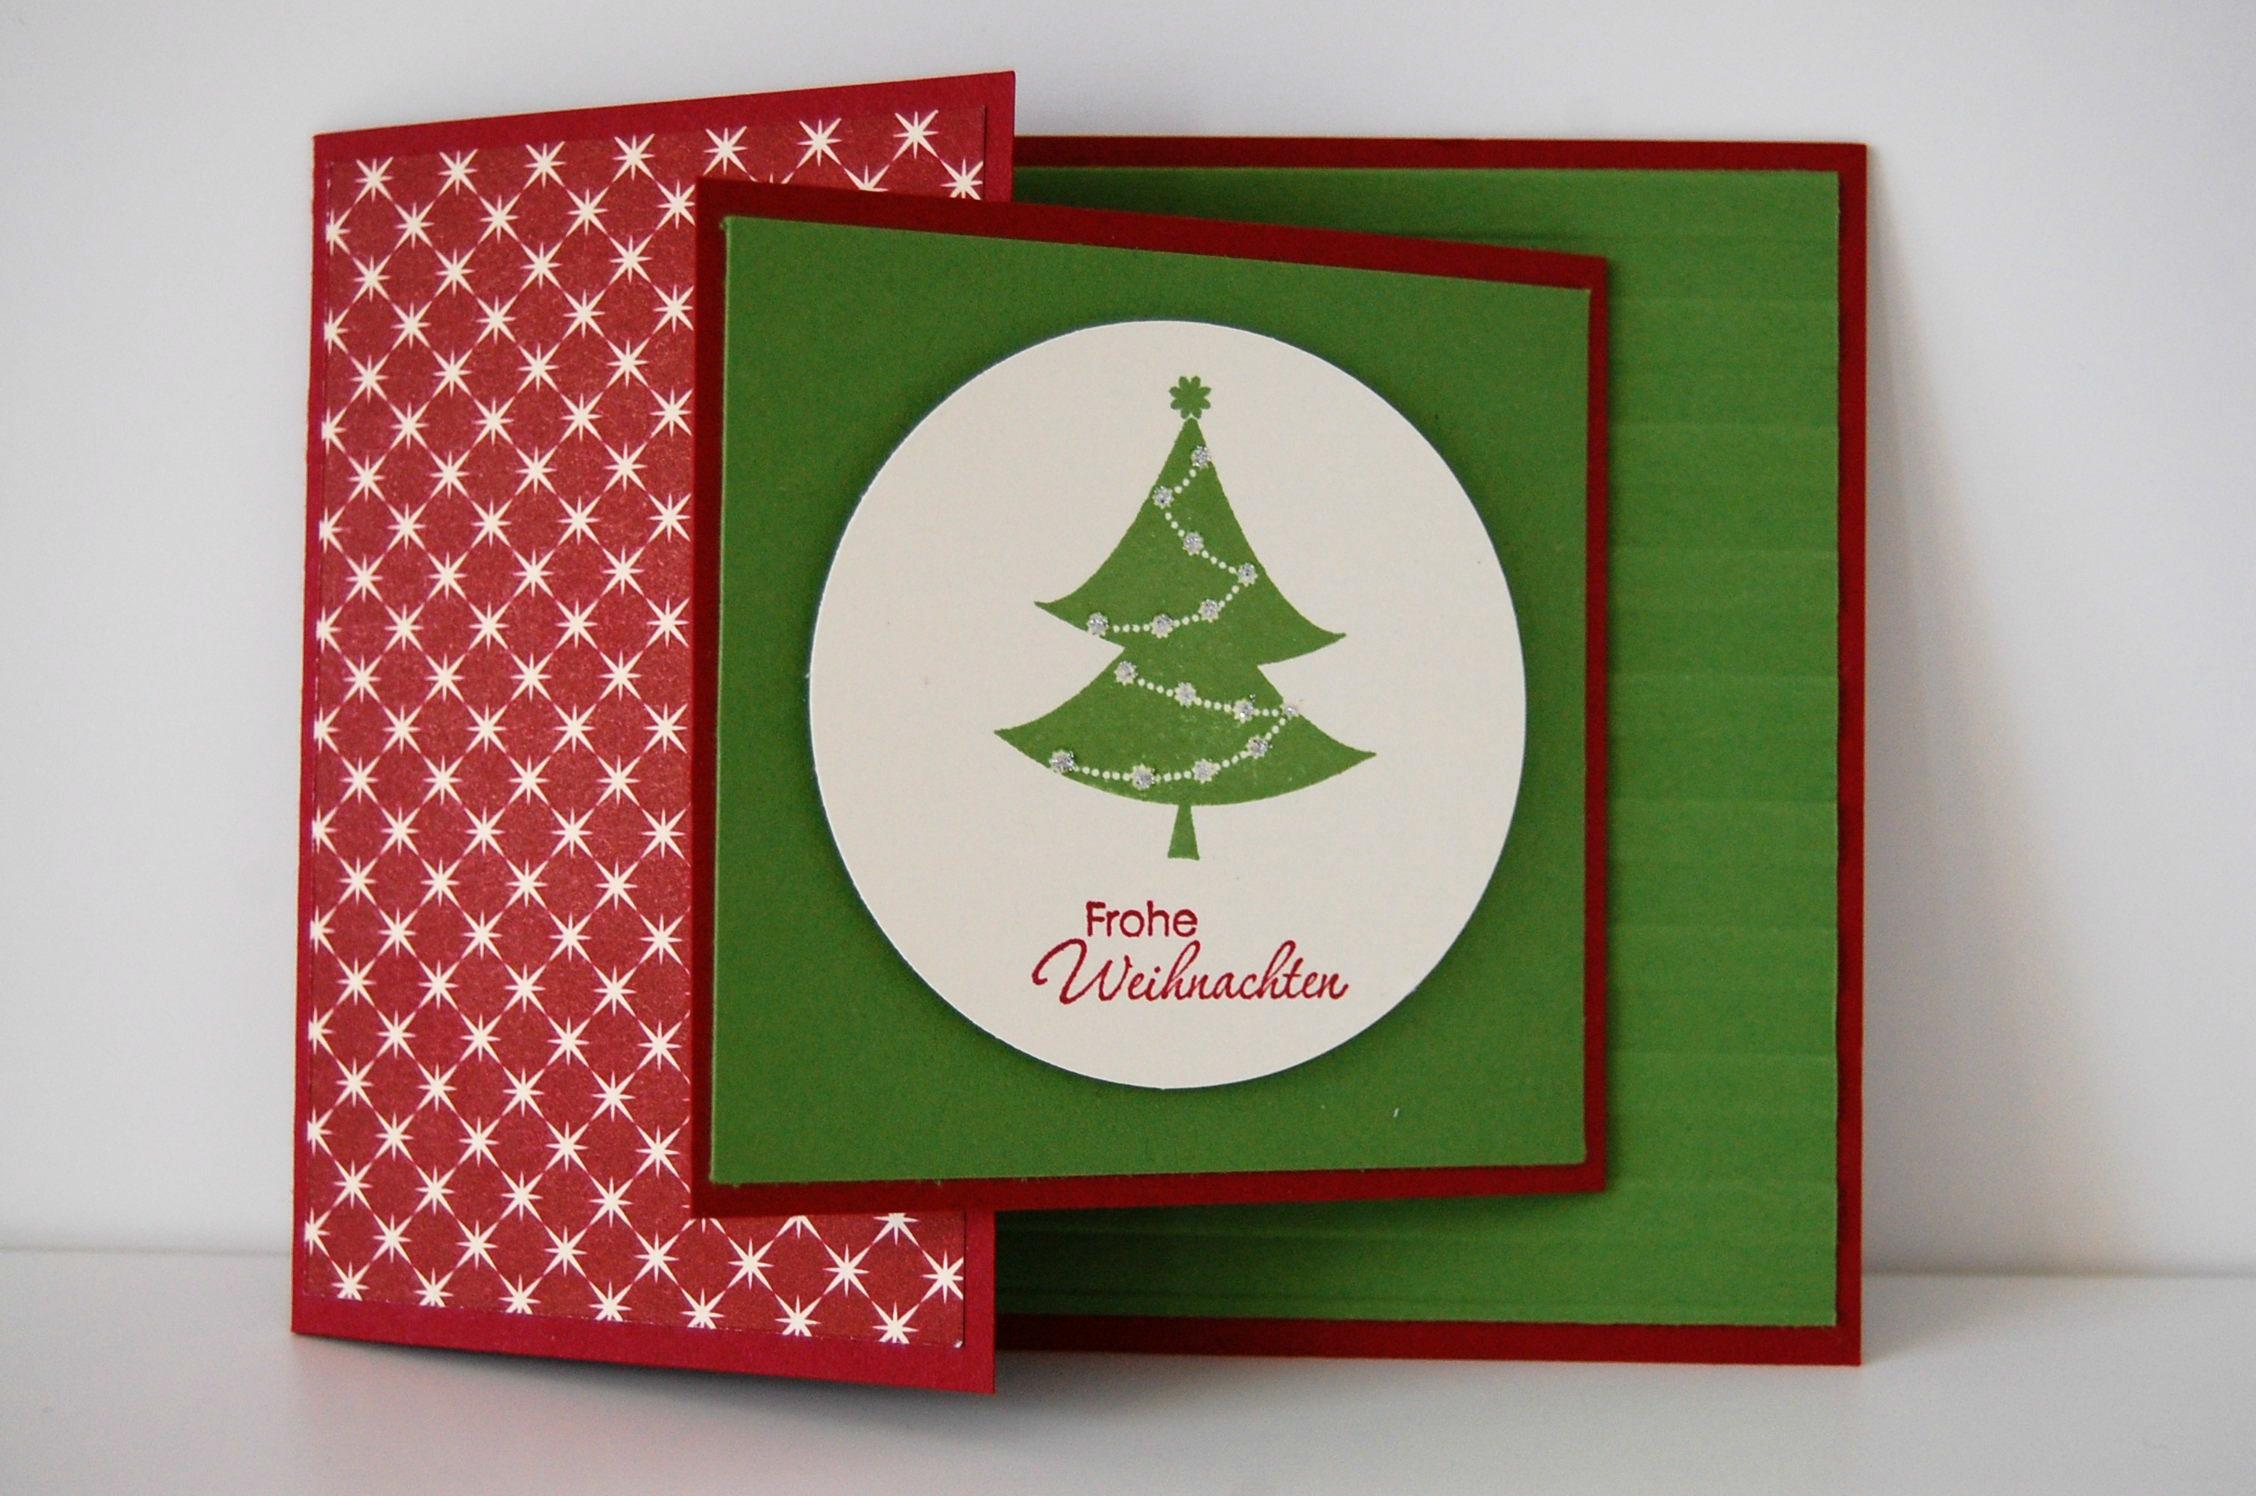 Weihnachtsgrüße Christkind.Warten Aufs Christkind Stampin Up In München